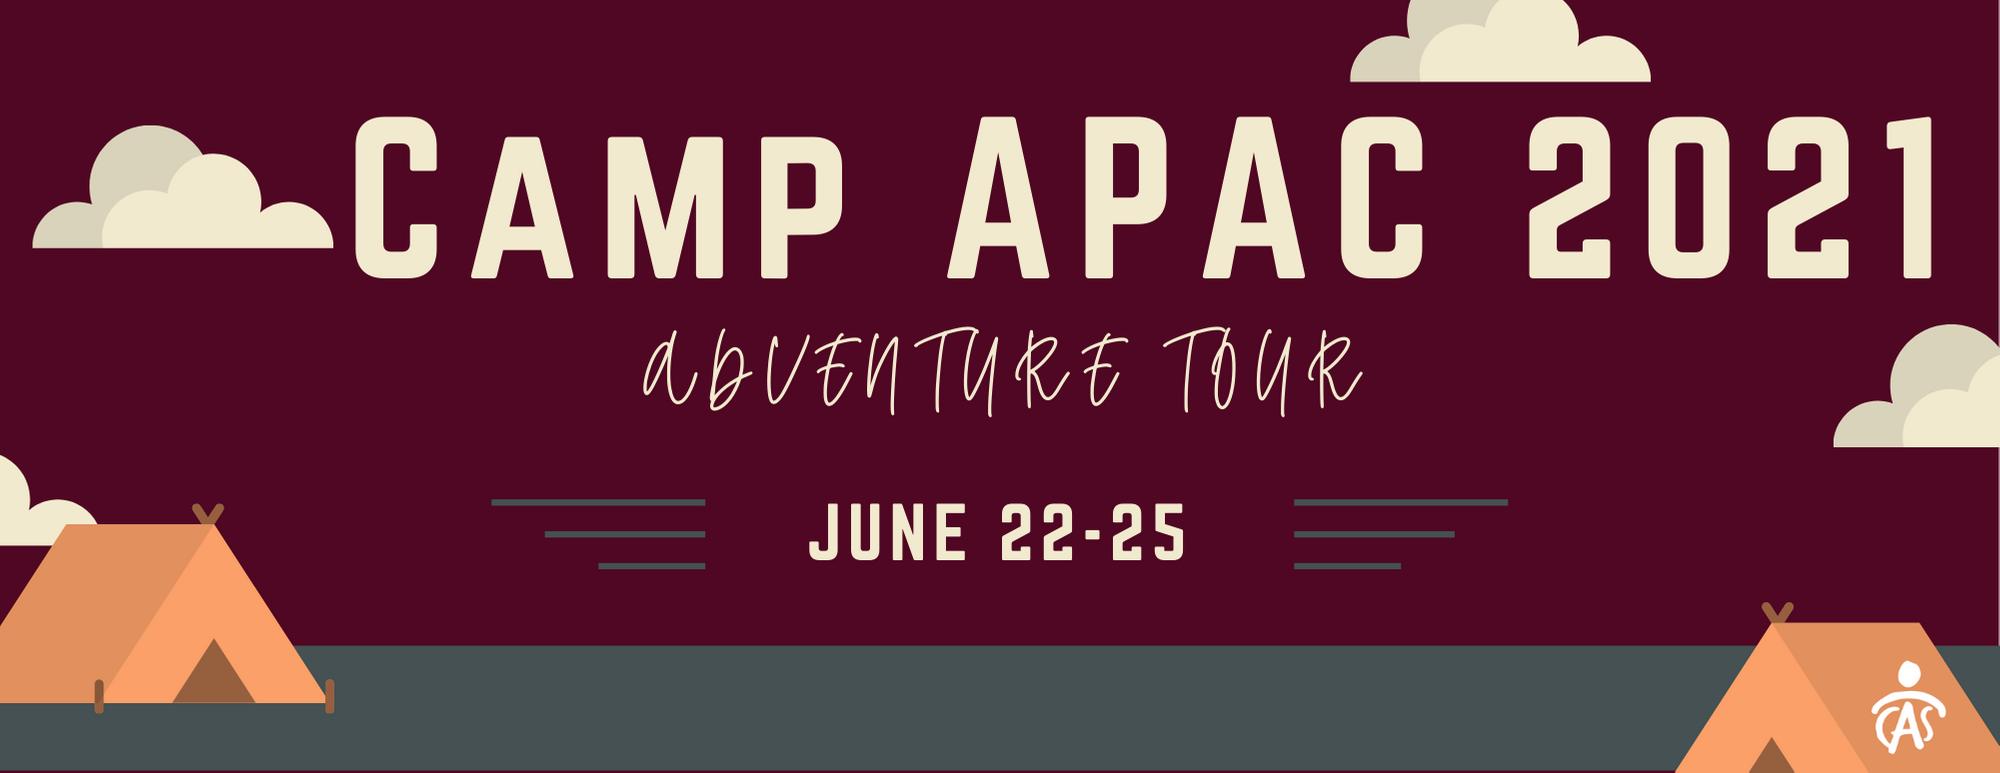 Camp APAC 2021